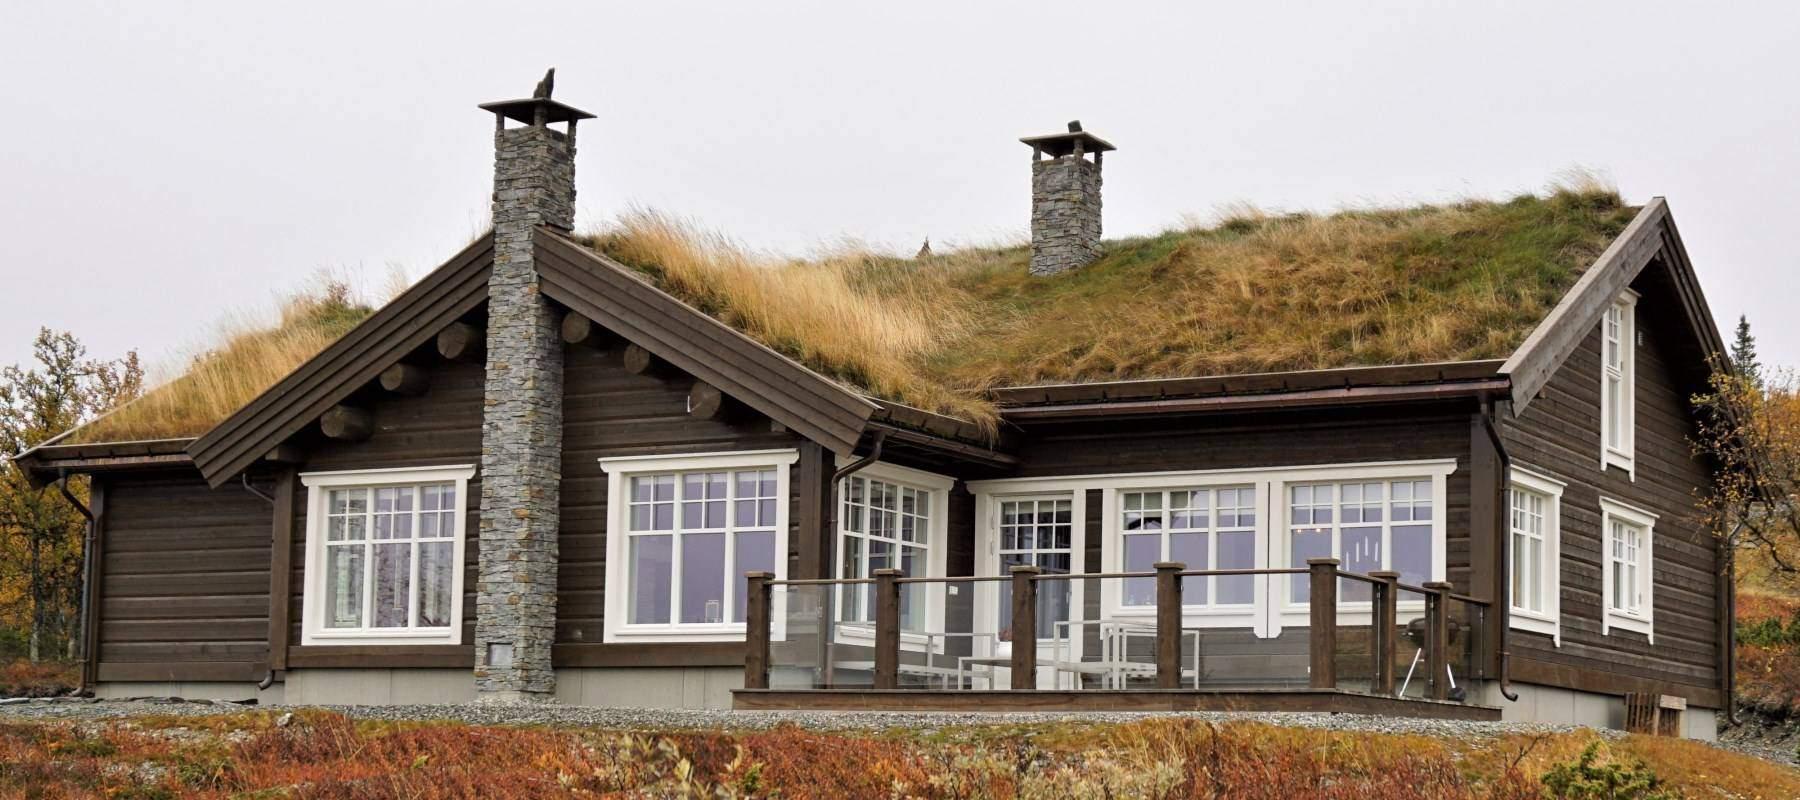 2250 Hytte pa Gålå. Hytte Hemsedal